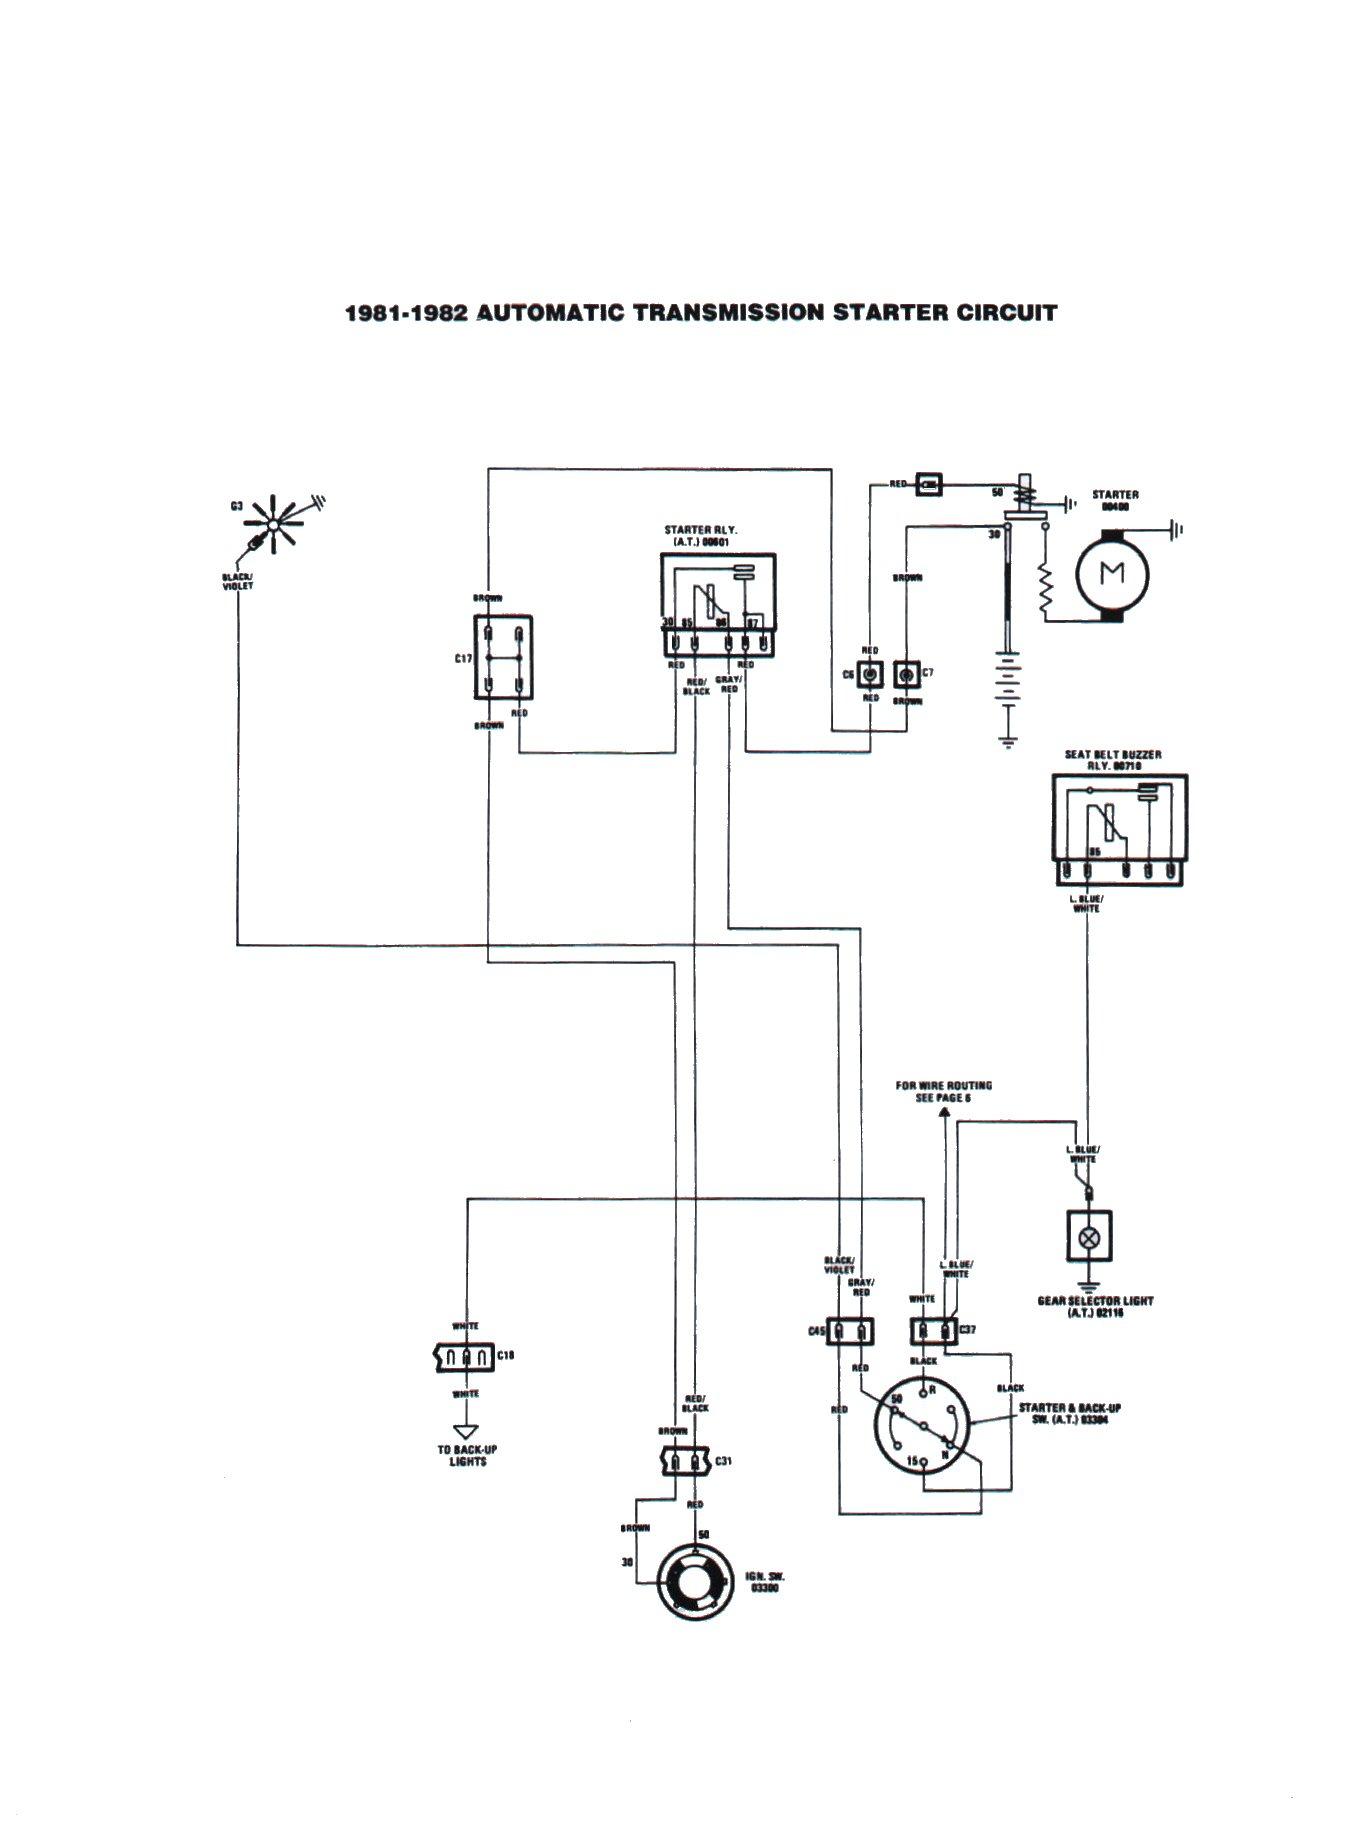 [SCHEMATICS_4NL]  HH_6735] 79 Fiat Spider Wiring Diagram Download Diagram | Wiring 1975 Fiat 124 Spider |  | Expe Mimig Apan Barep Arch Mimig Remca Sulf Gresi Mohammedshrine Librar  Wiring 101